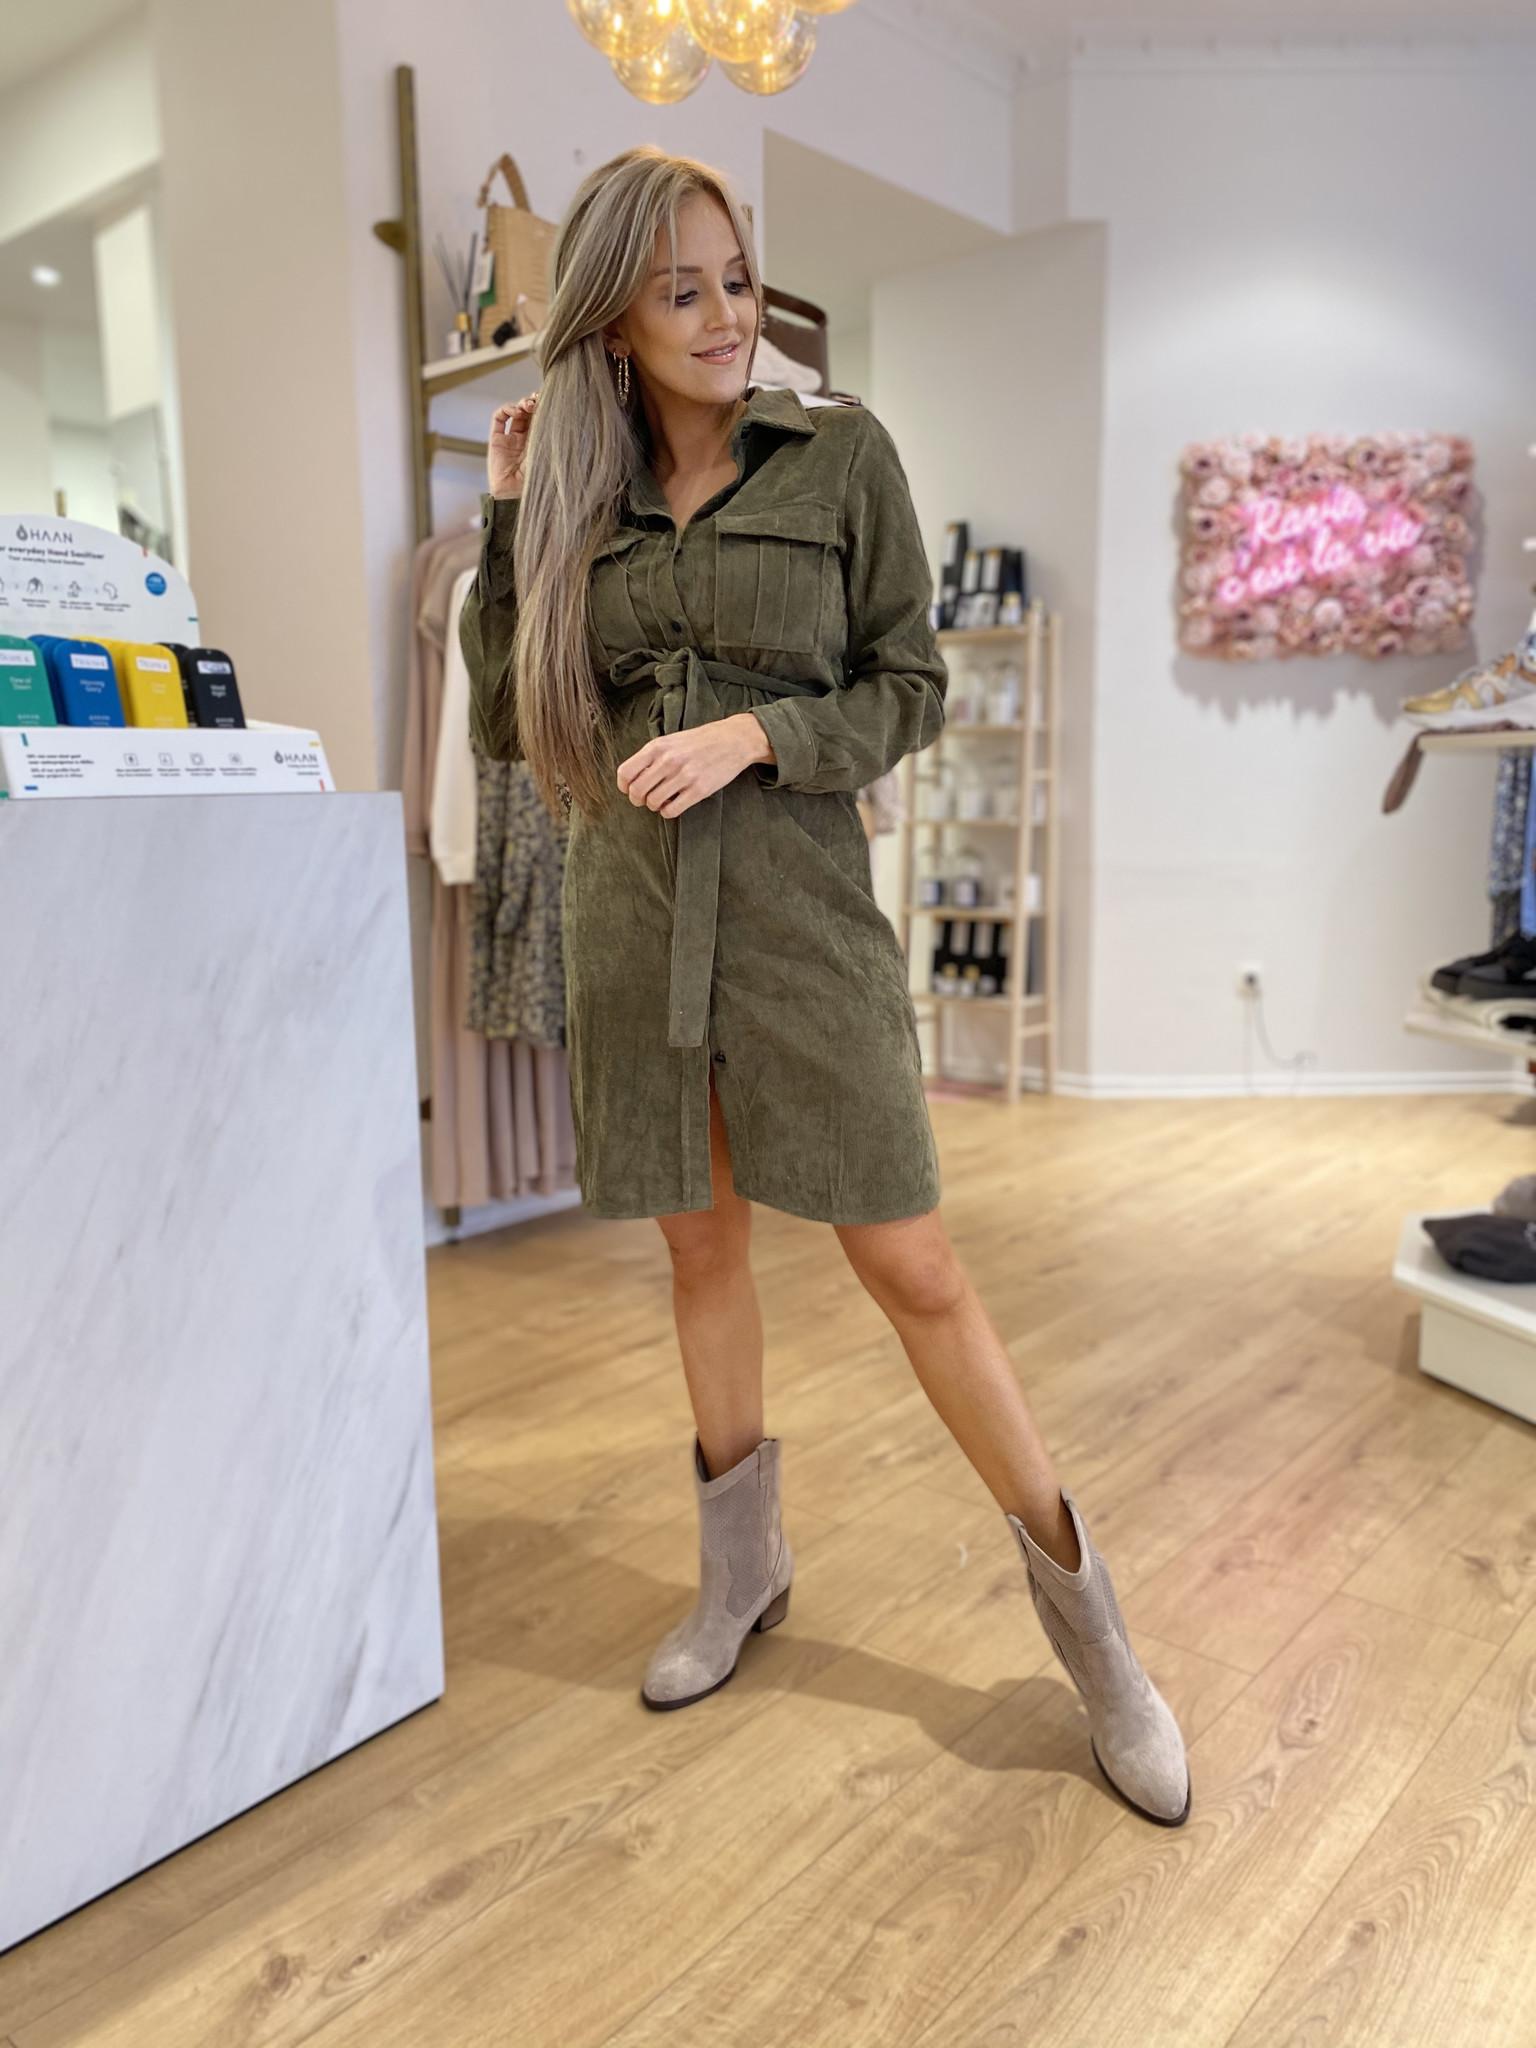 LM Dress Adriana